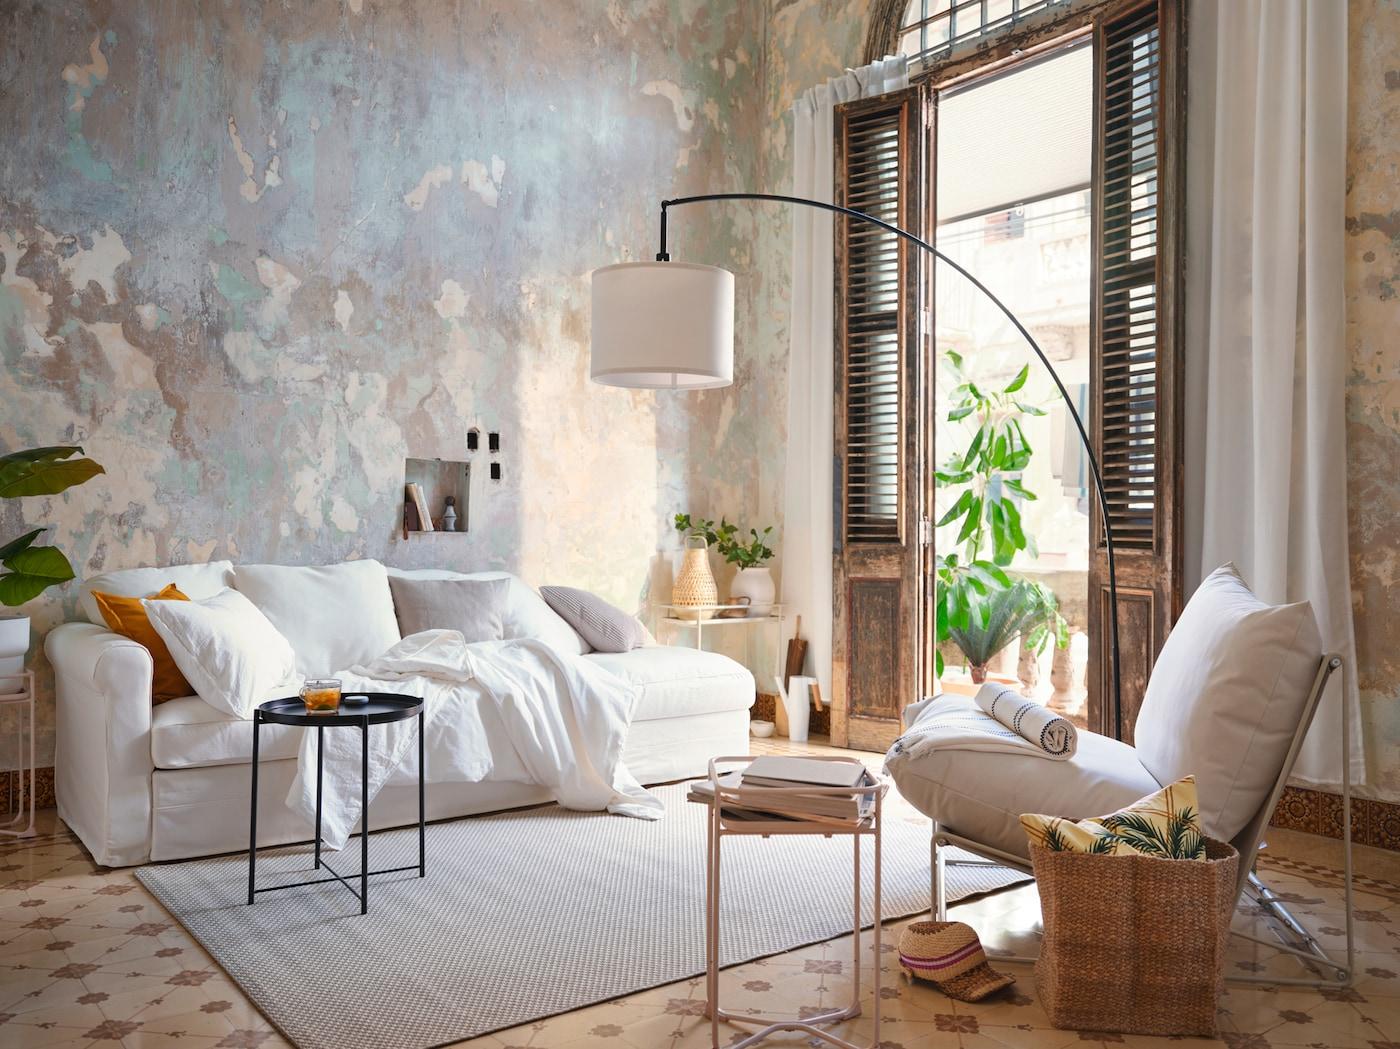 Bela sofa u bež i sivom okruženju s razbacanim jastučićima, crnim pomoćnim stočićem, i belom stolicom.